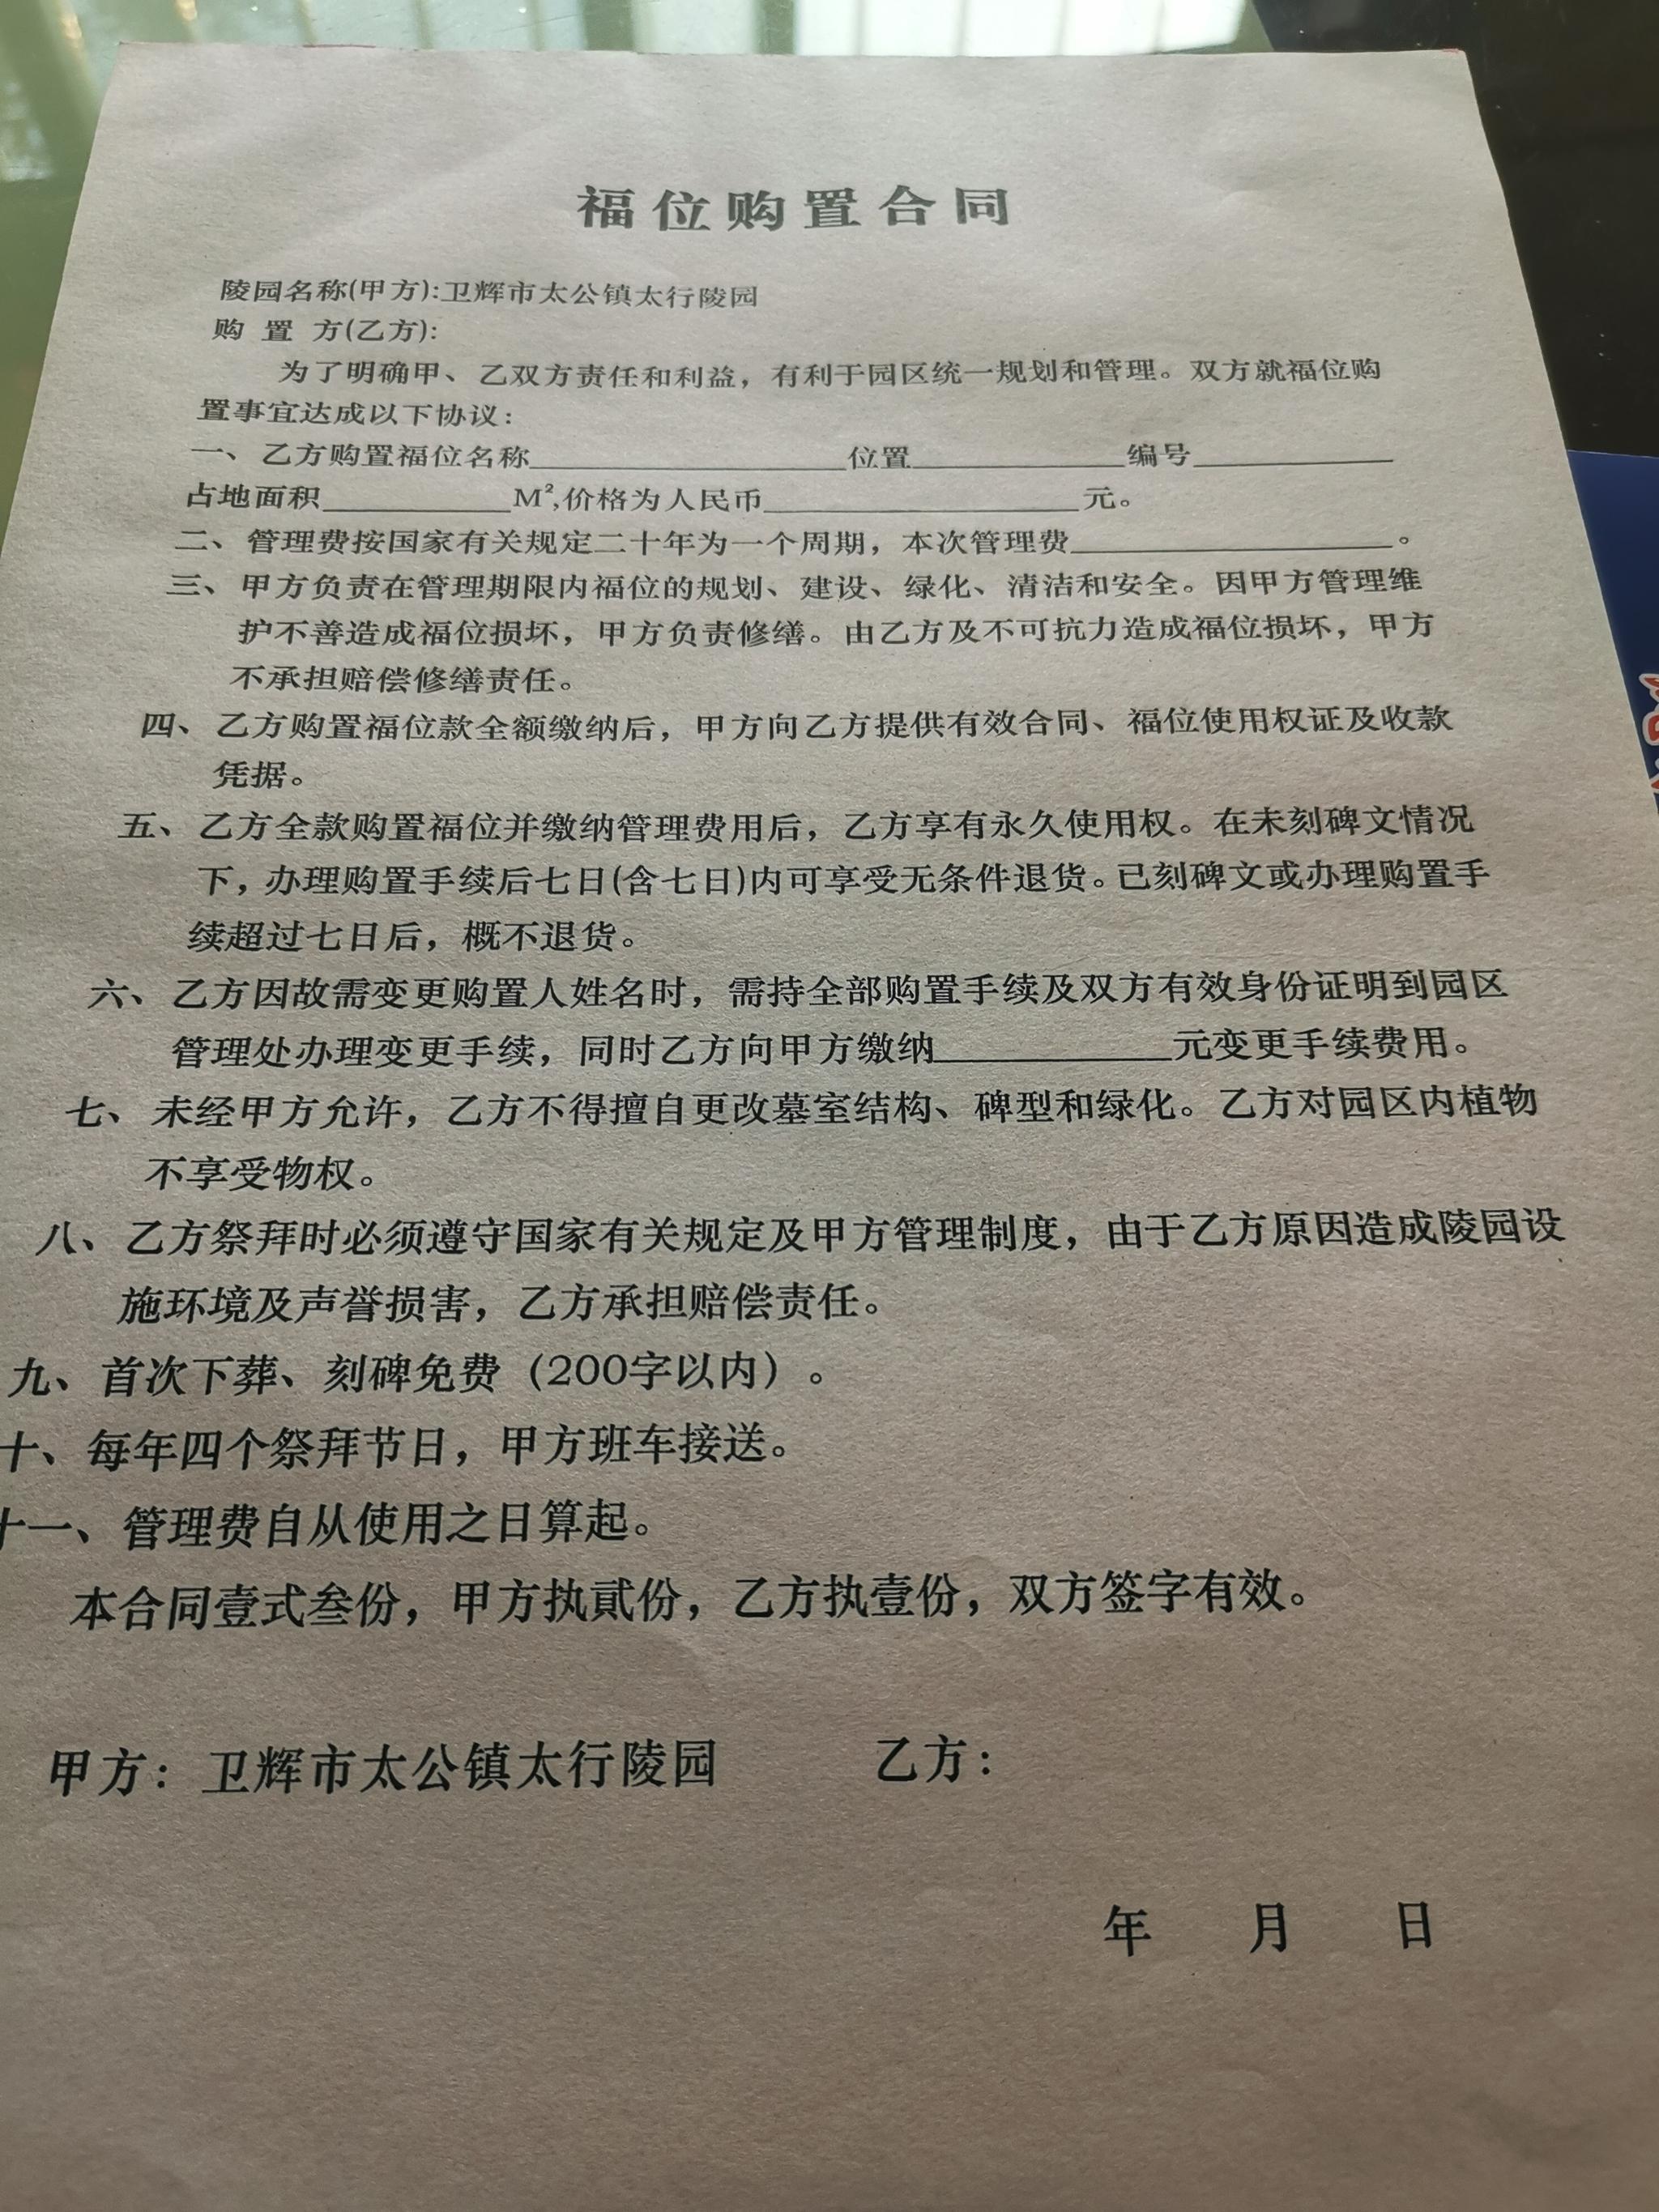 太行陵园的合同。新京报记者⠧苤摄